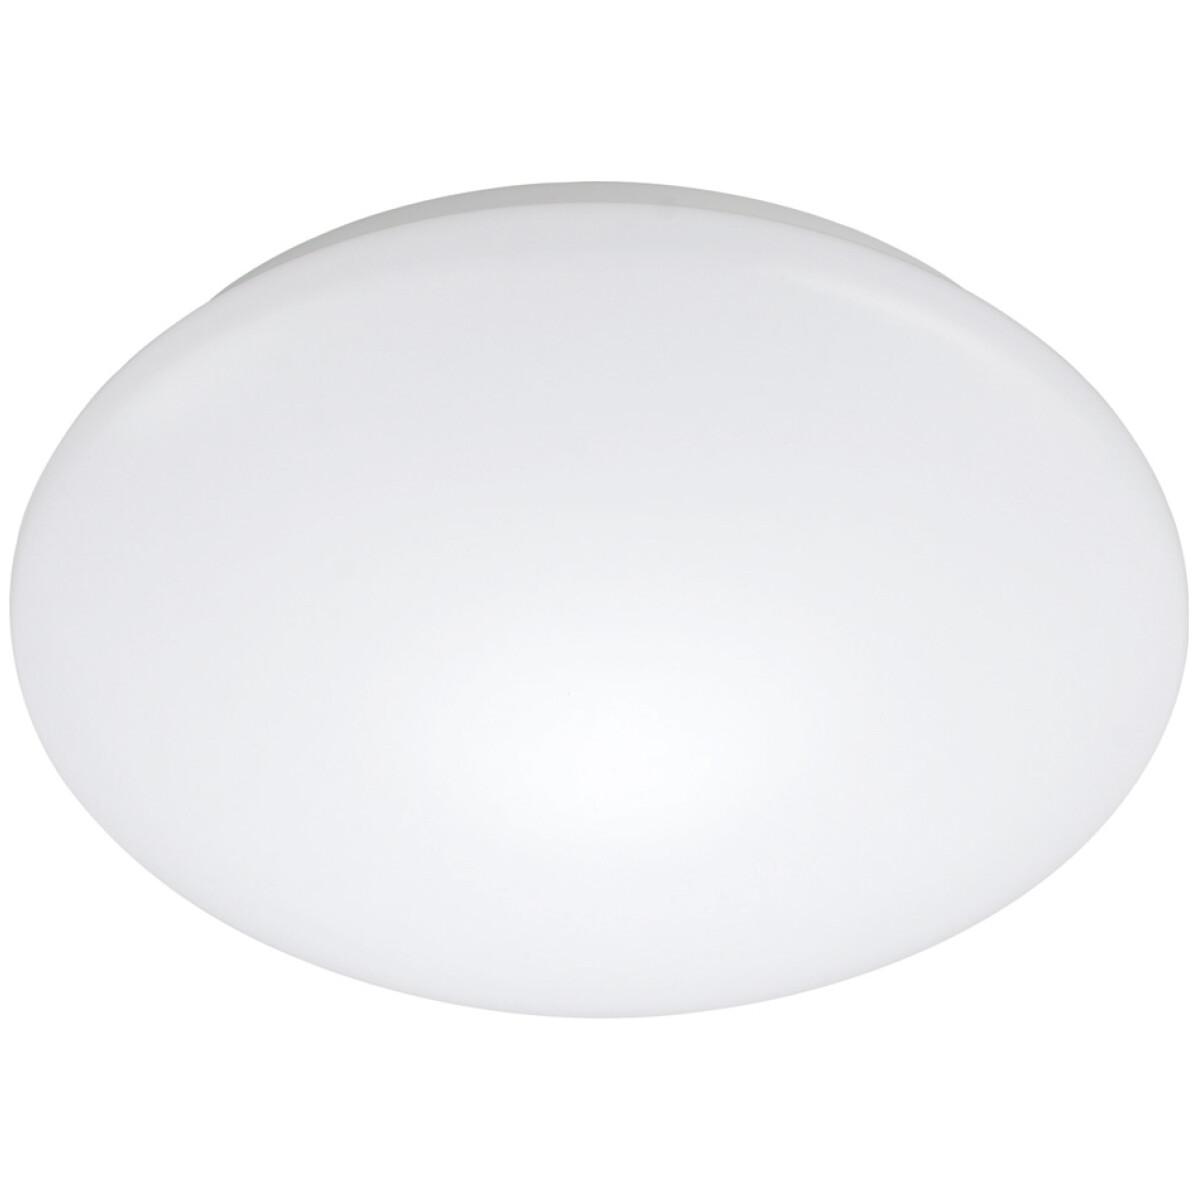 LED Plafondlamp met Bewegingssensor - Strum - 24W - Opbouw Rond - Natuurlijk Wit 4200K - 360° - Mat